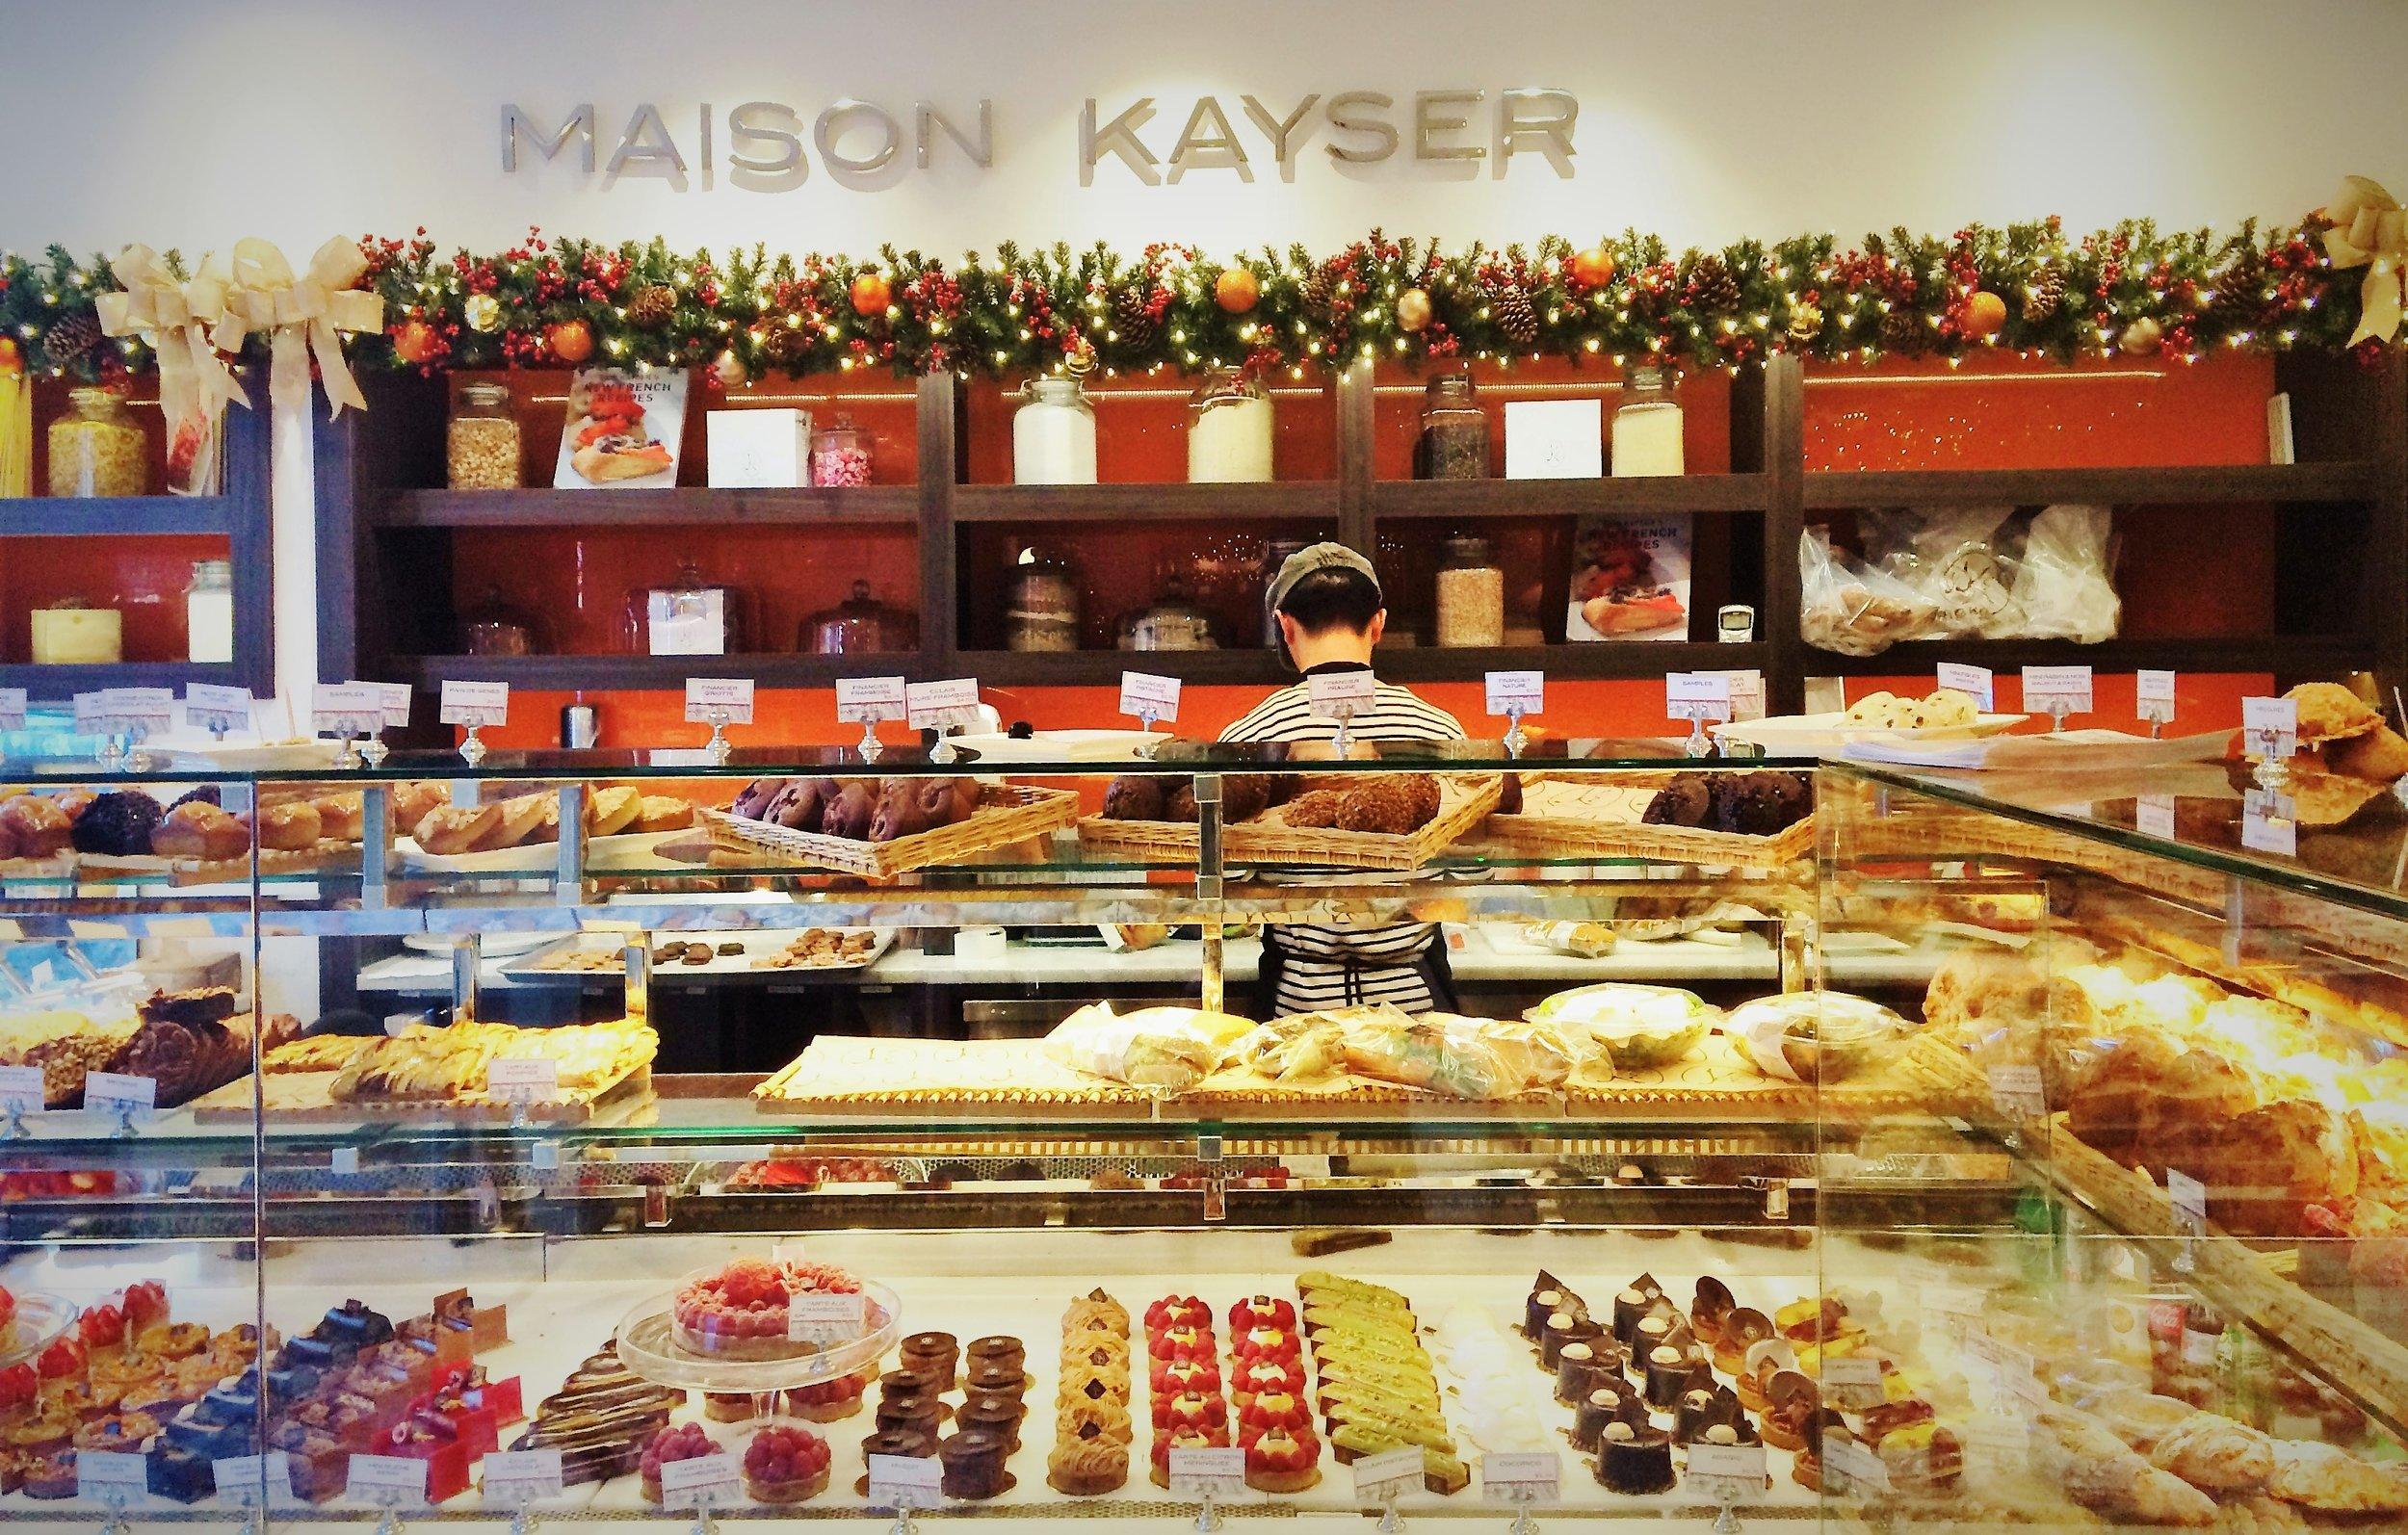 Maison Kayser on Third 034.JPG